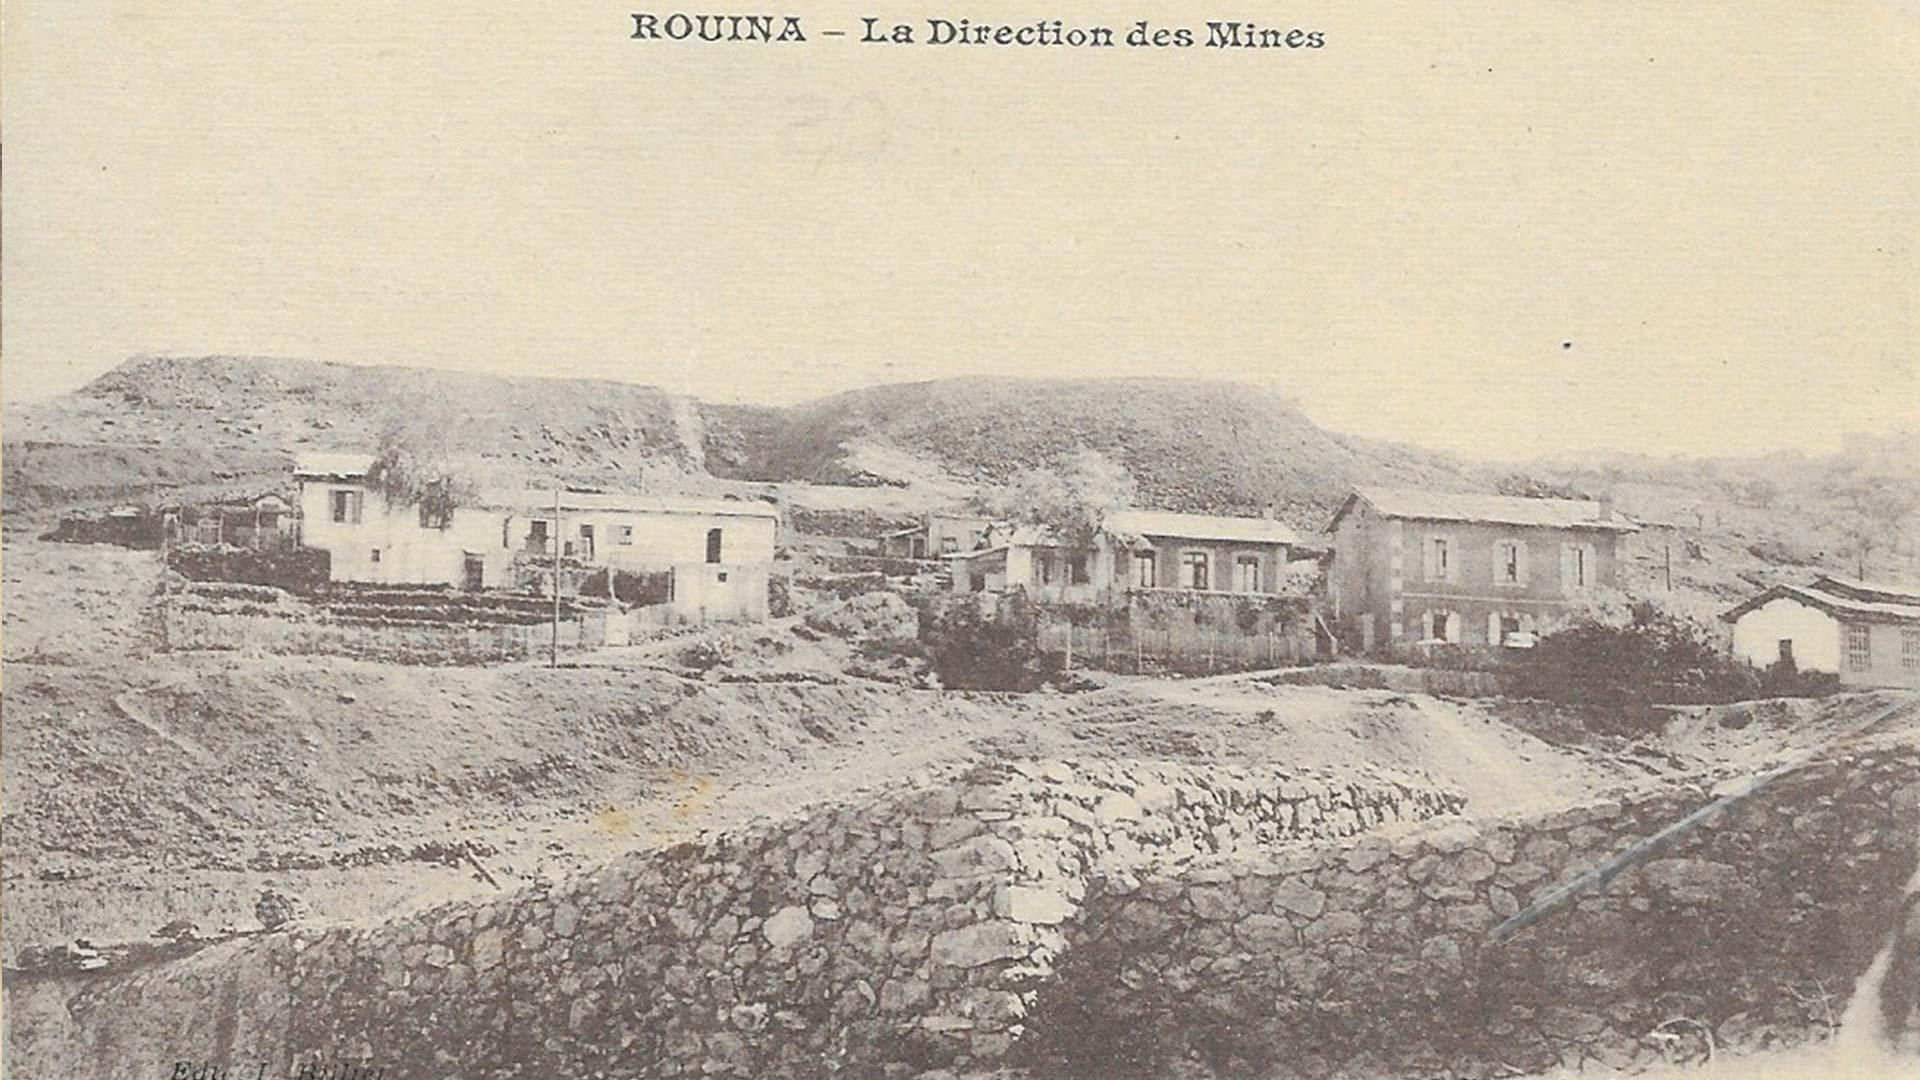 Rouina-Mines